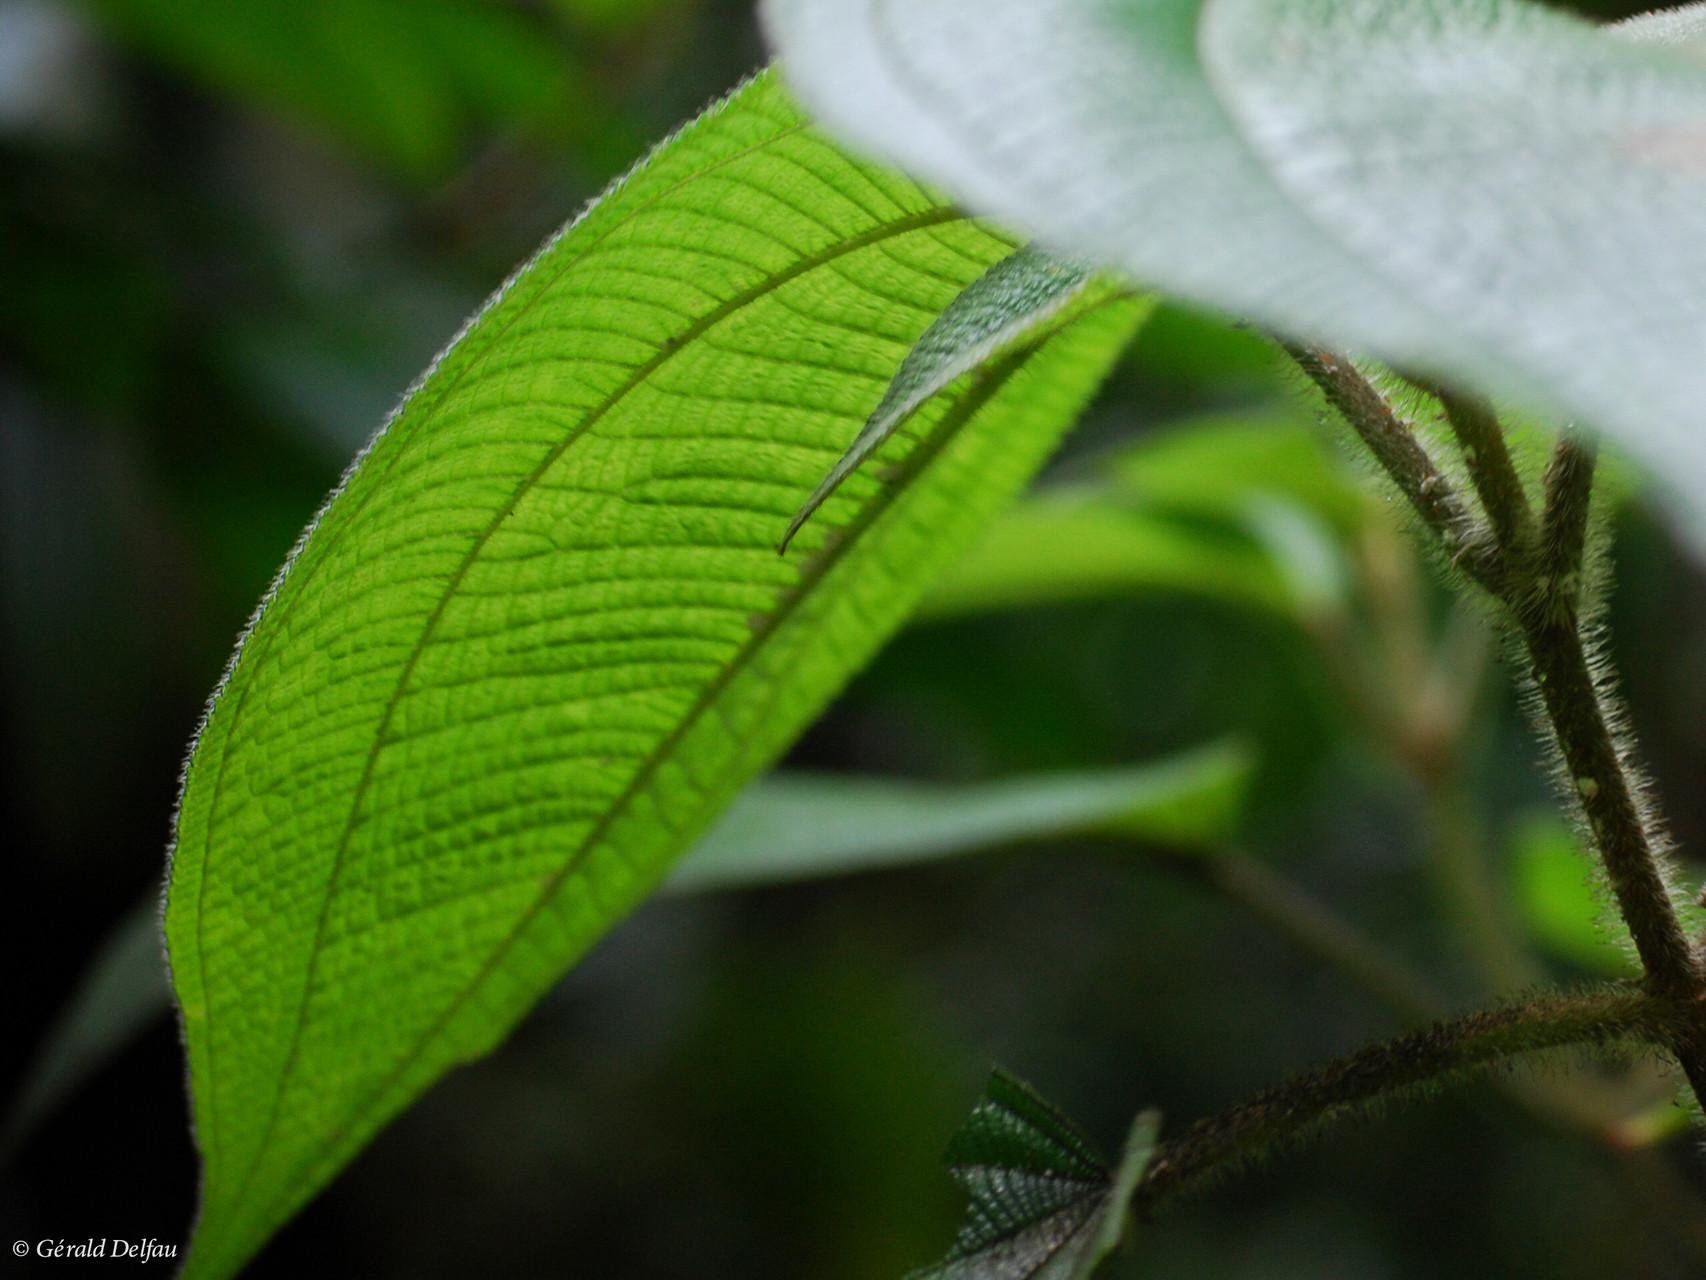 Végétation tropical, Basse-Terre, Guadeloupe